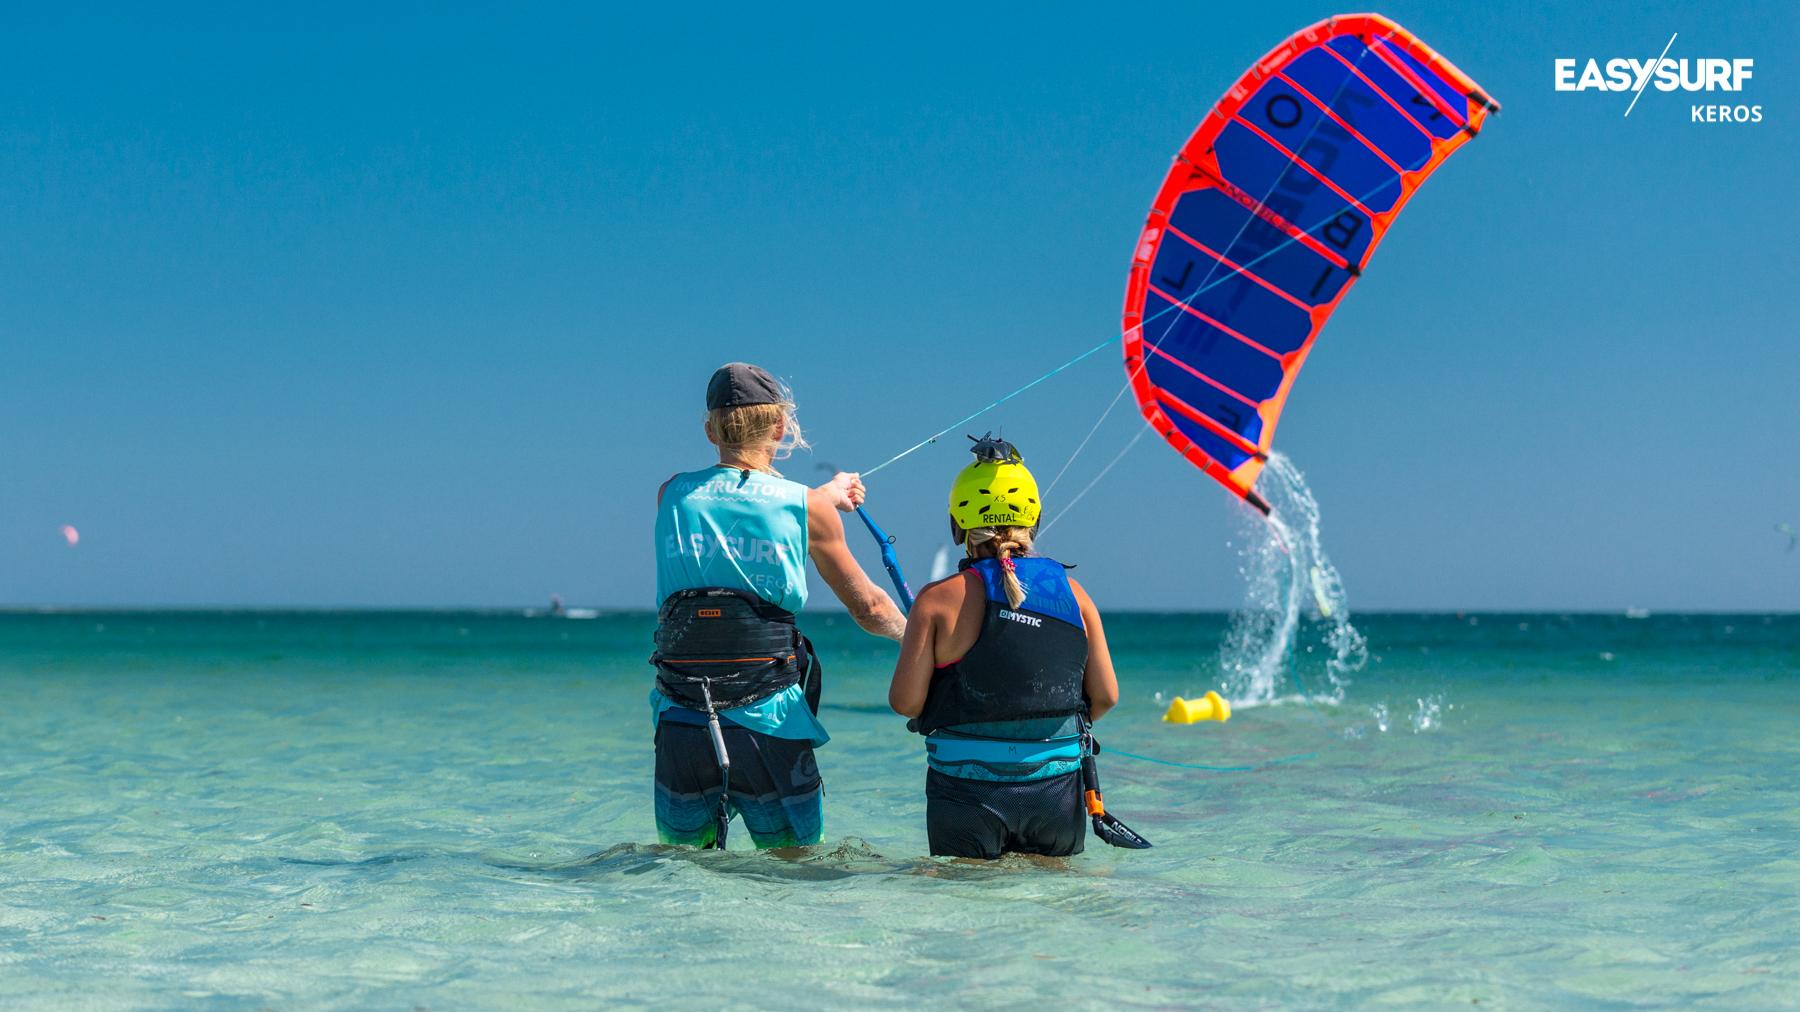 Kurs kitesurfingu - grupowo czy indywidualnie?